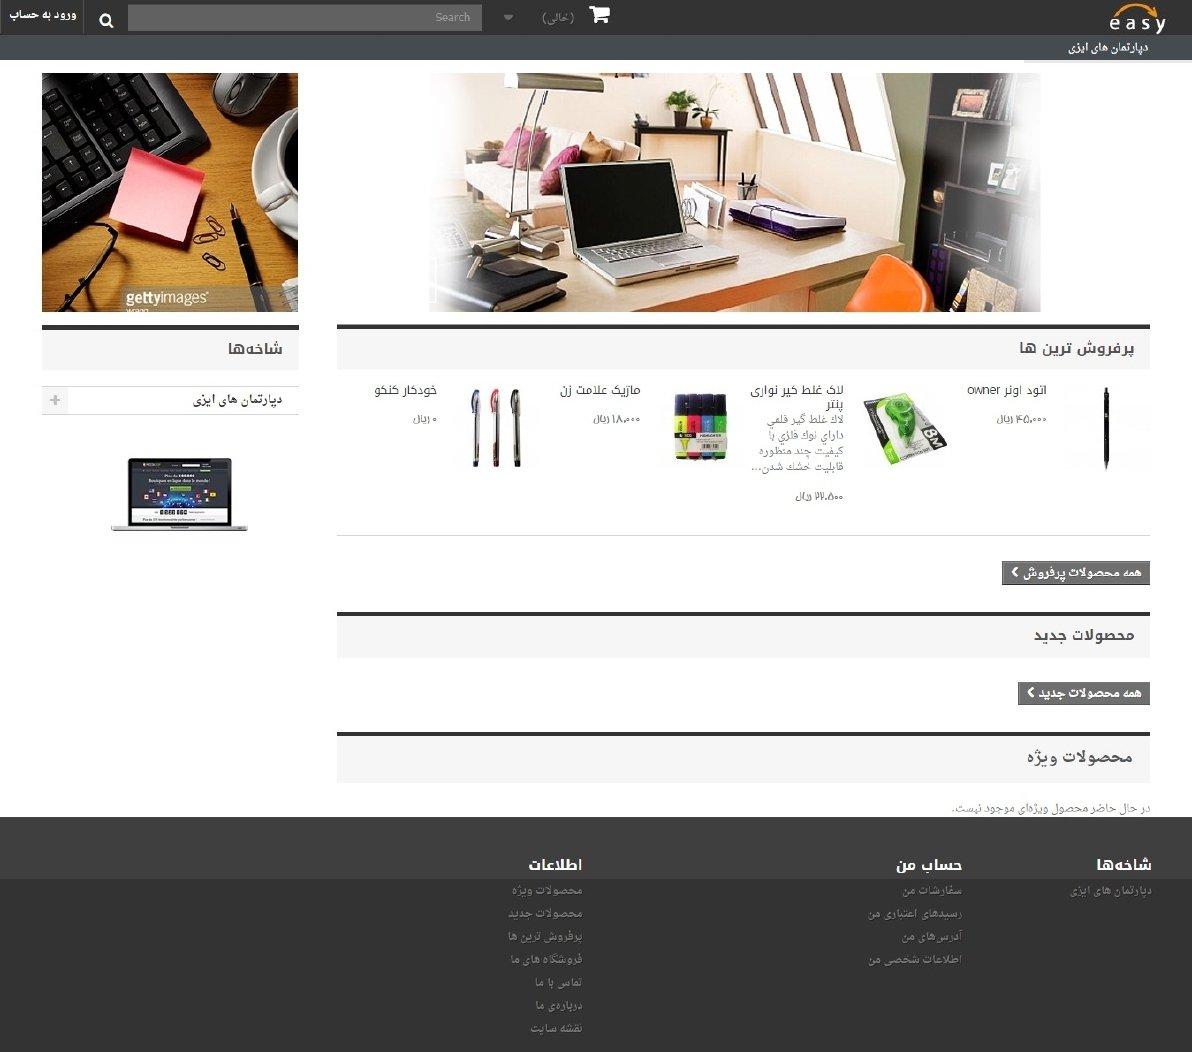 طراحی سایت فروشگاه اینترنتی 360